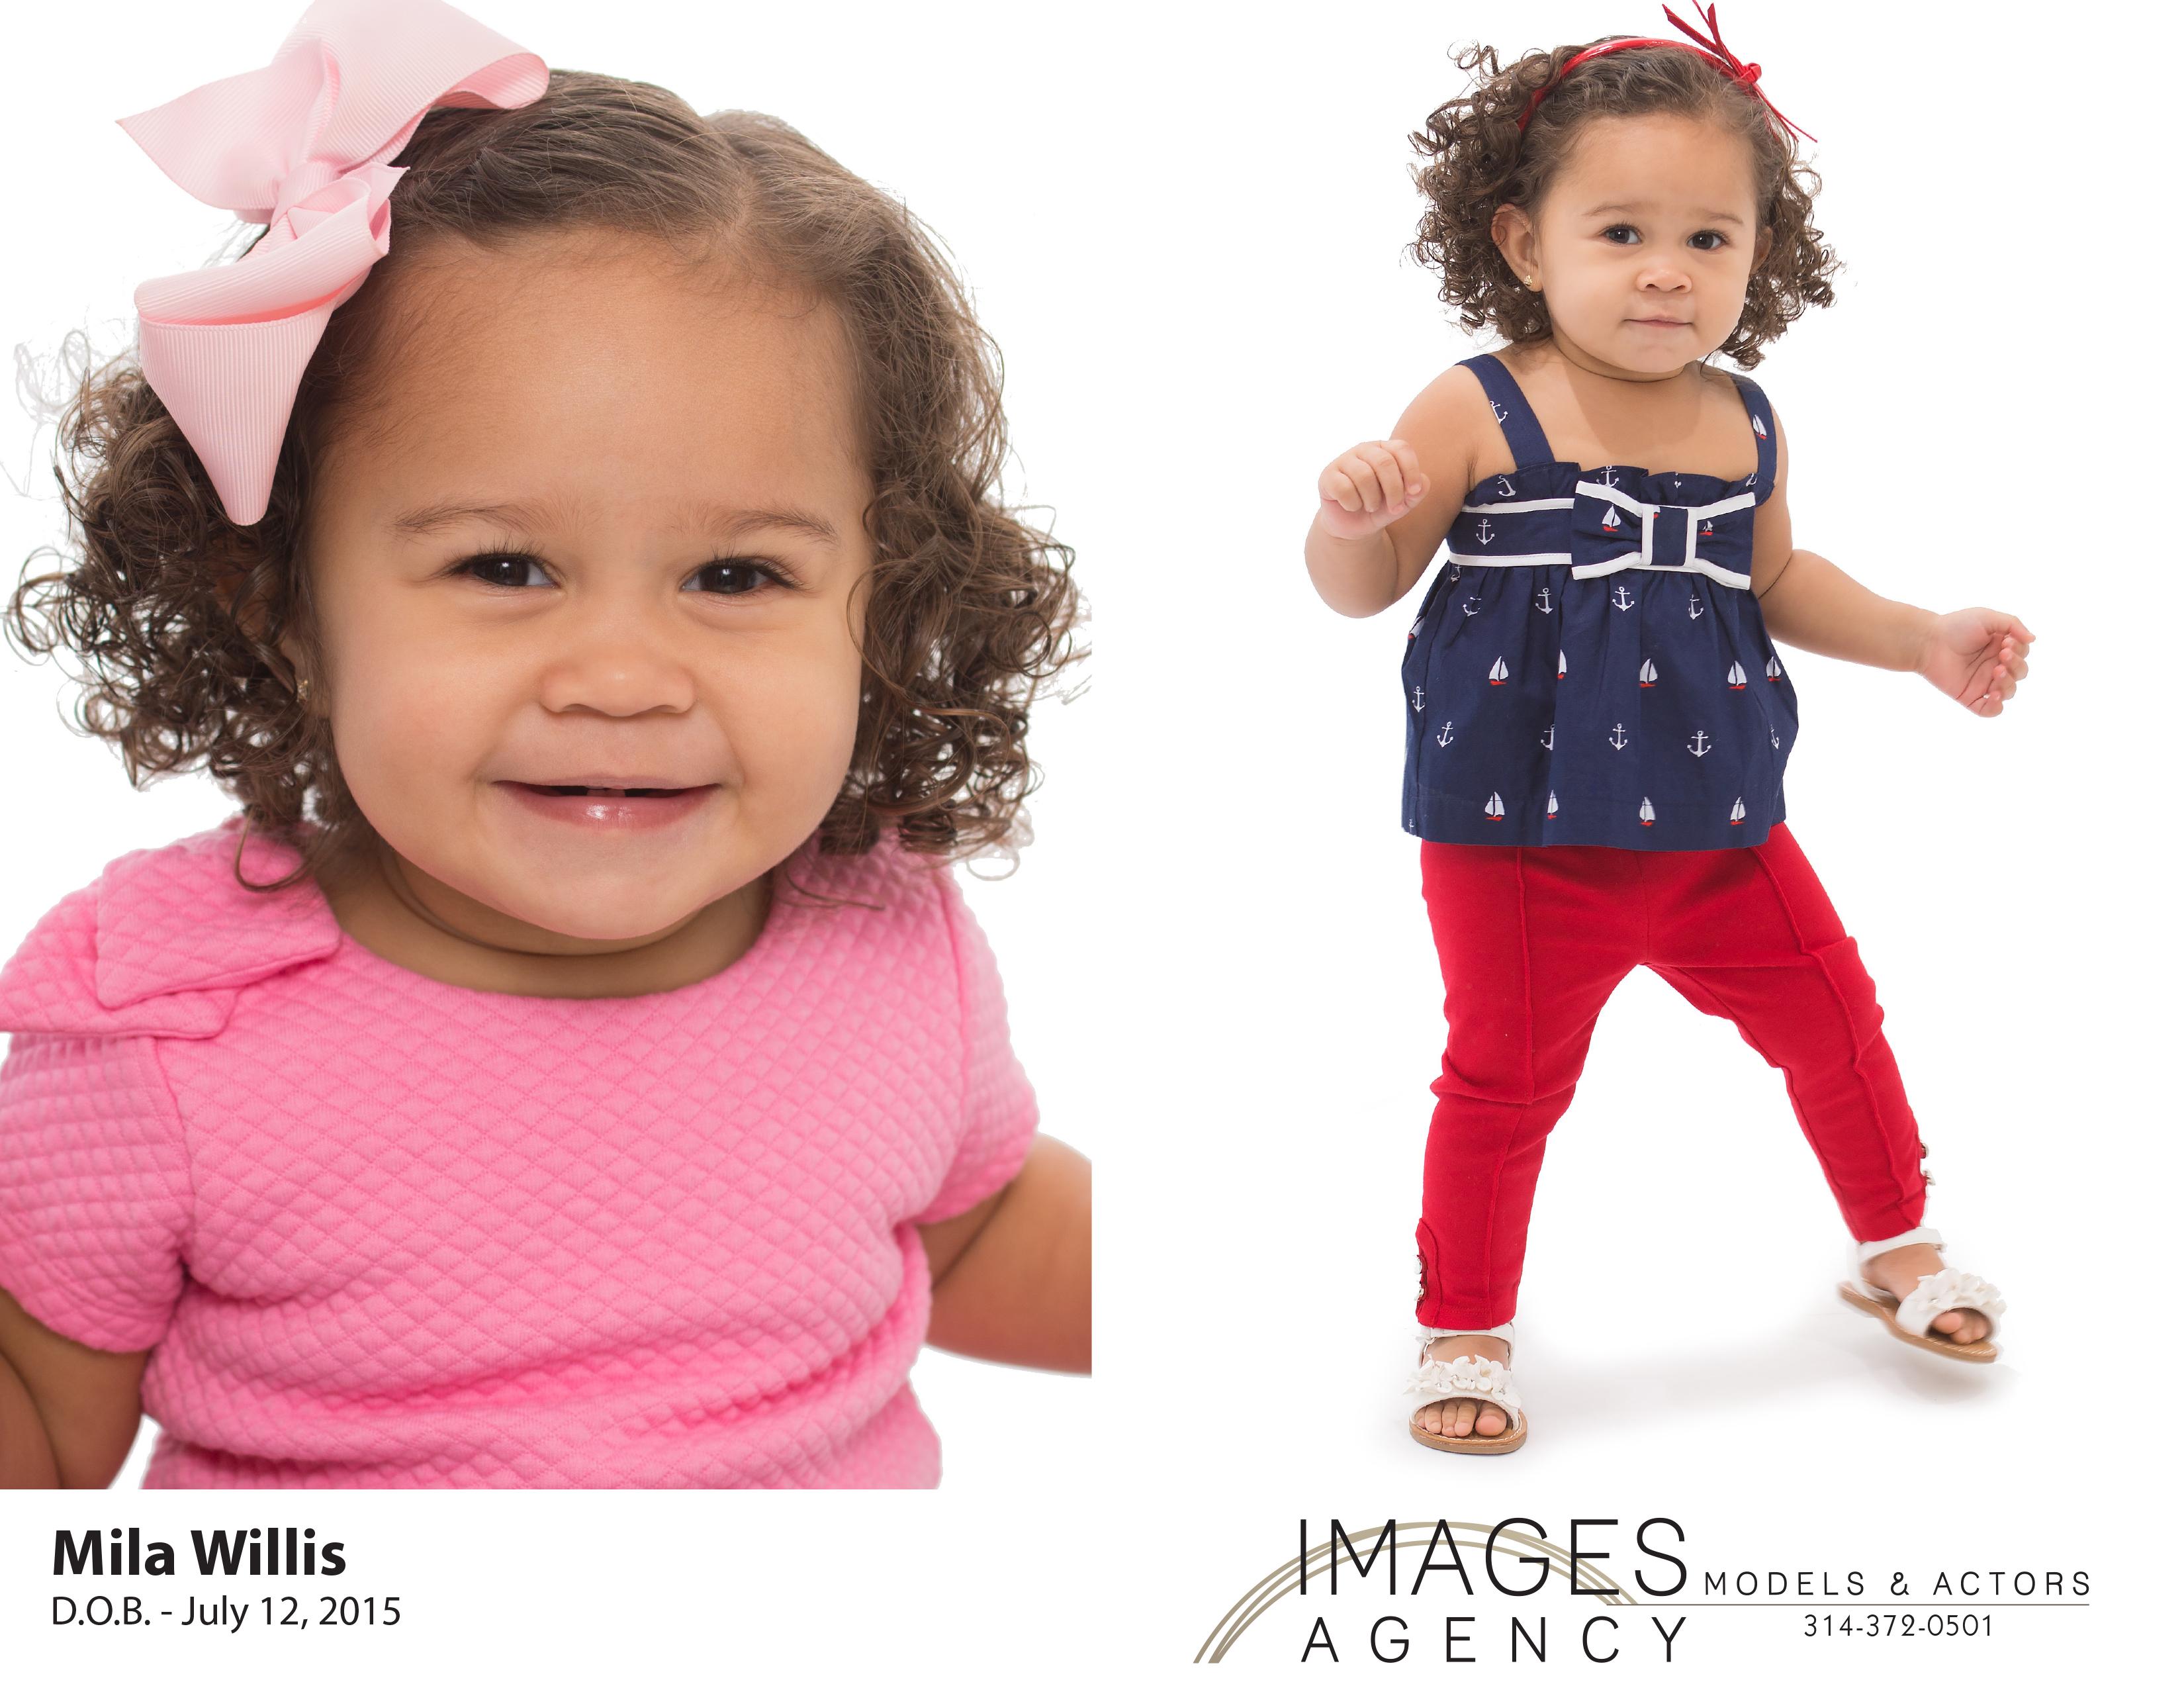 Mila Willis